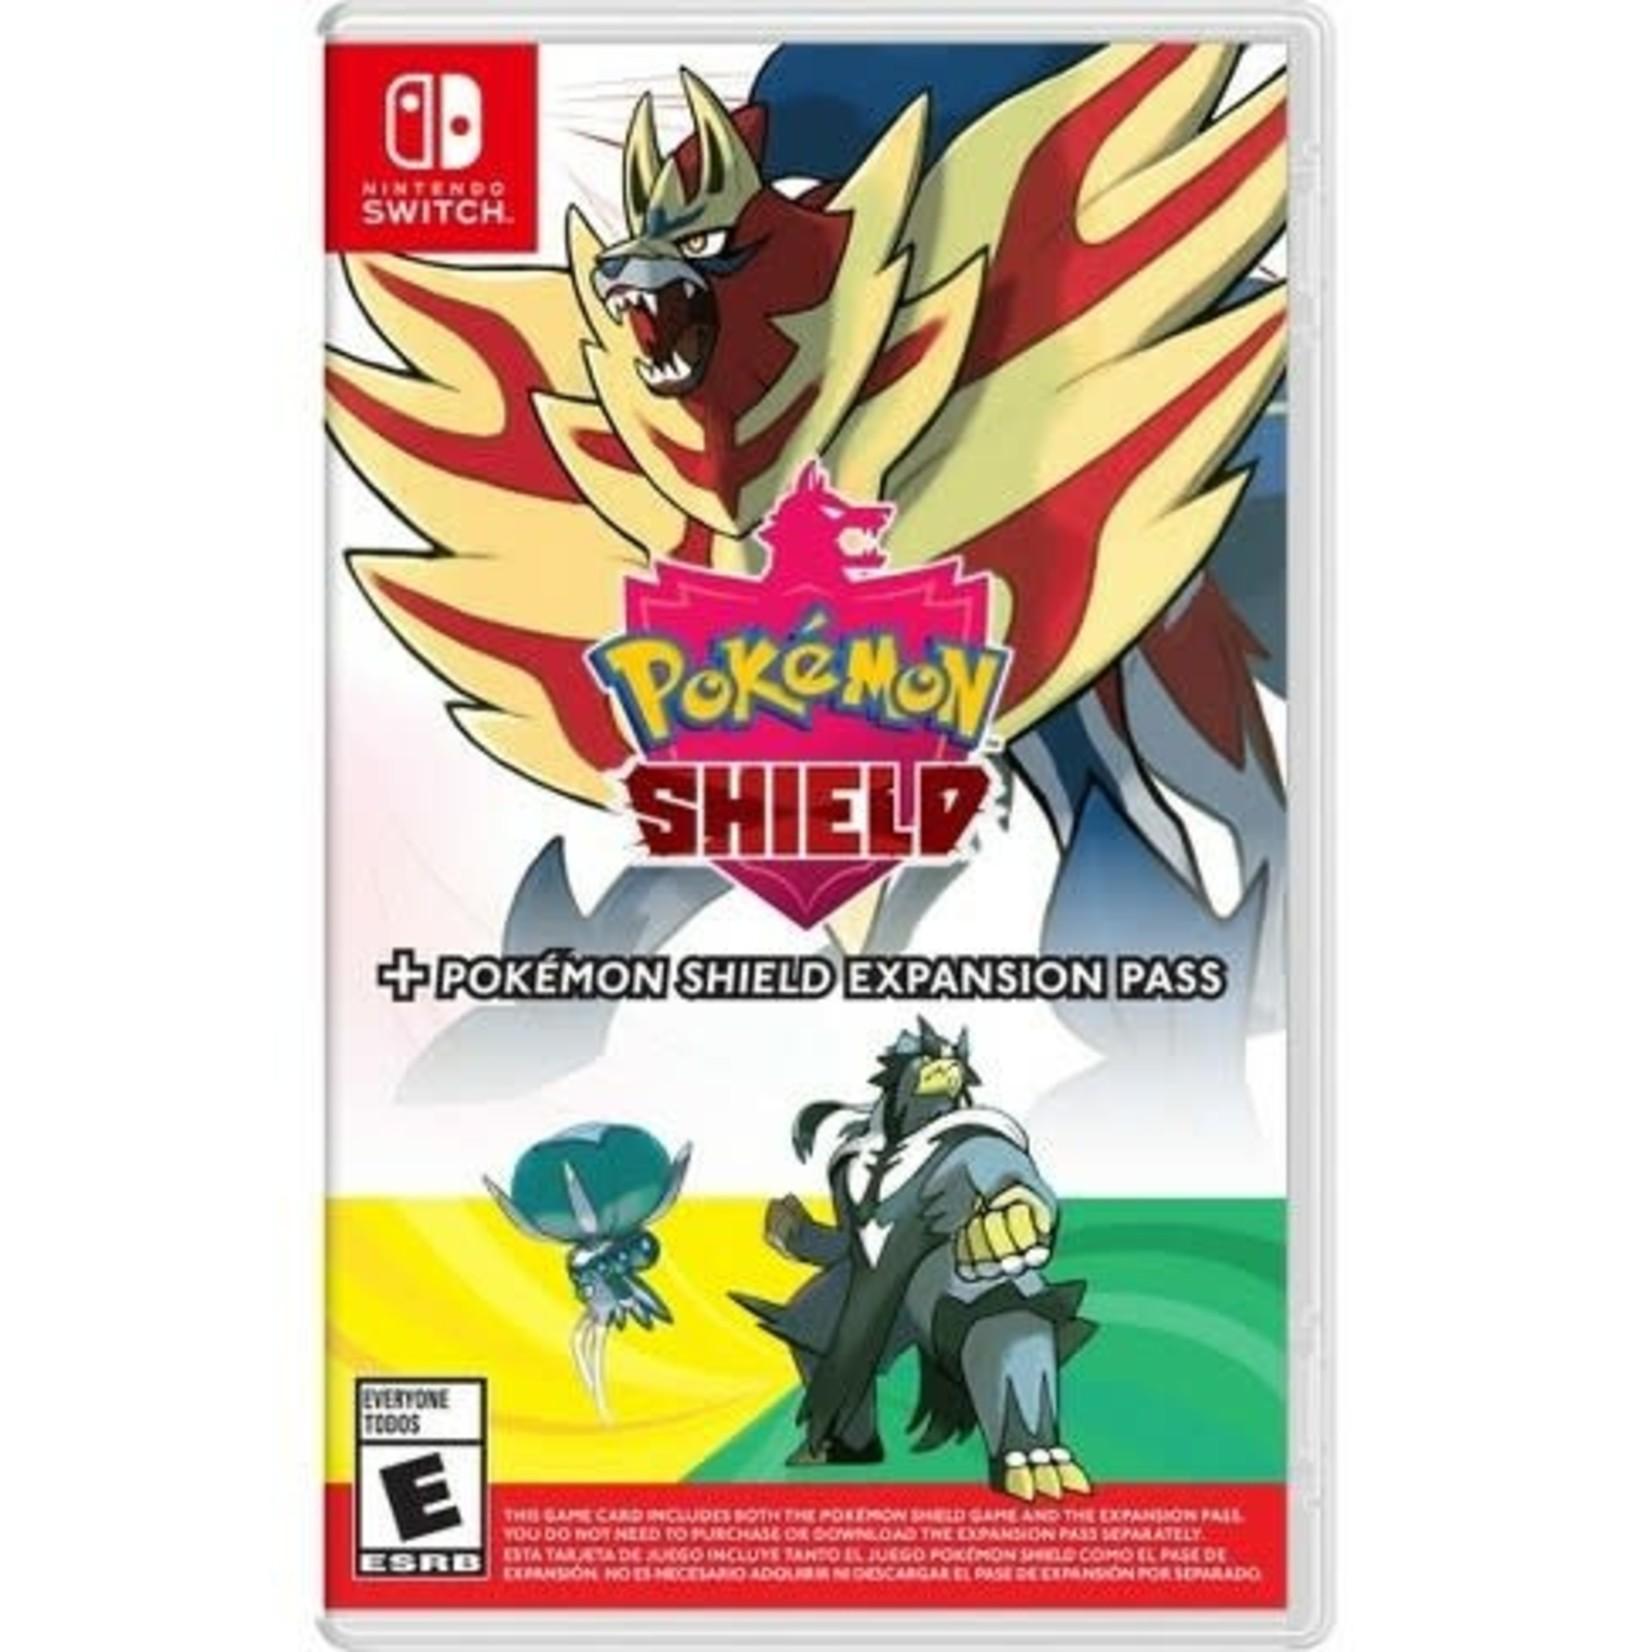 SWITCHU-Pokemon Shield + Expansion Pass